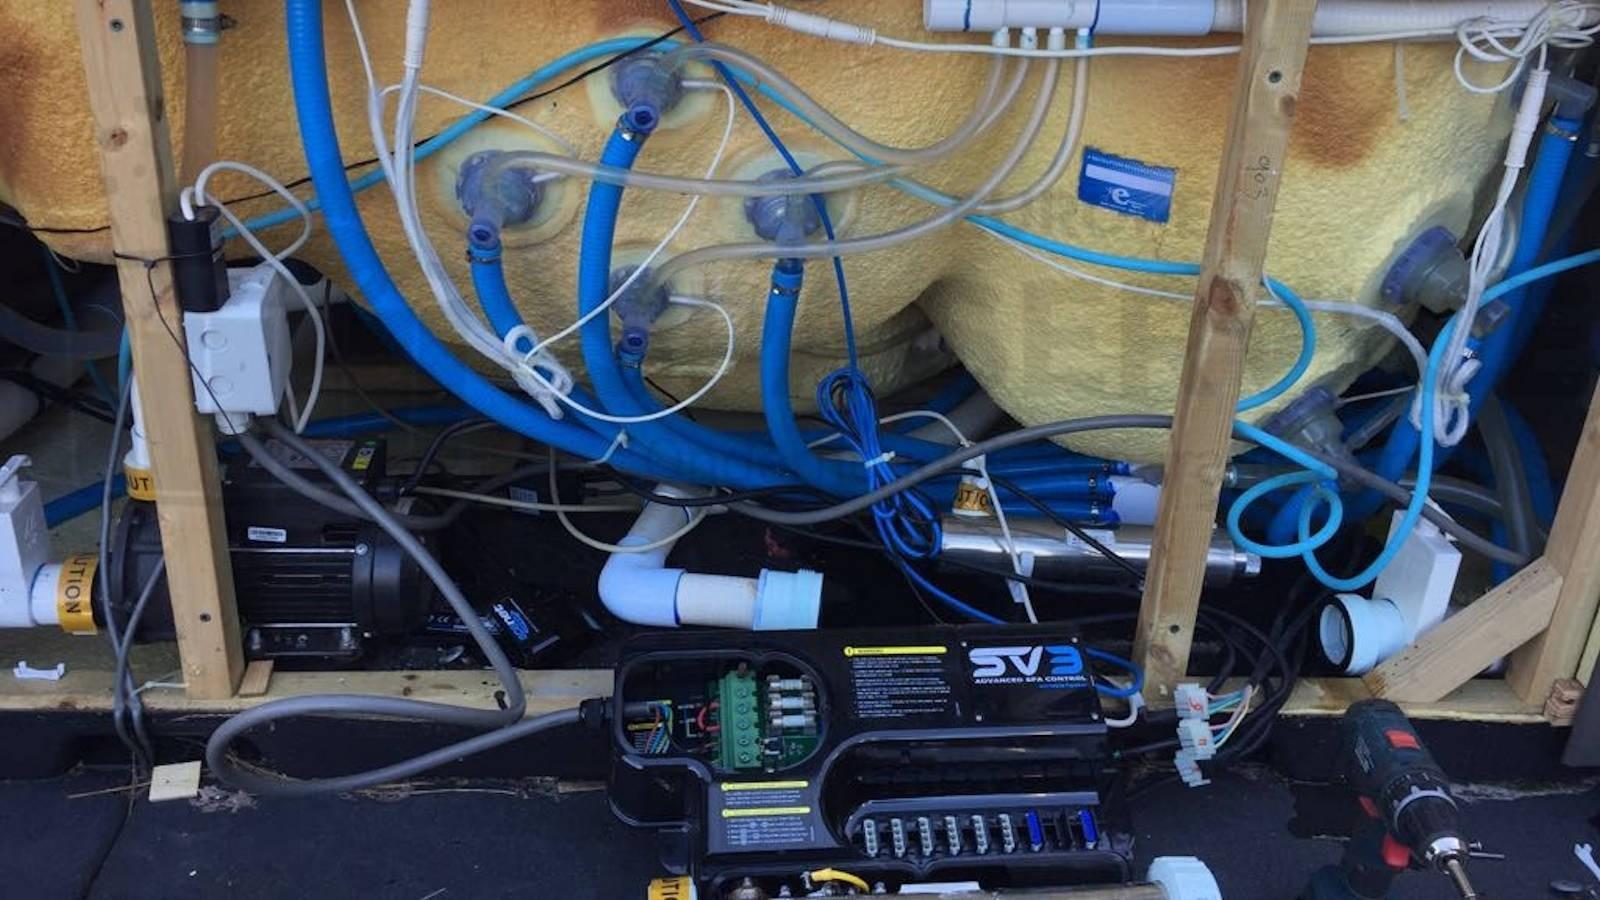 Reparatie SpaNET verwarming van een Evolution spa in Mijdrecht